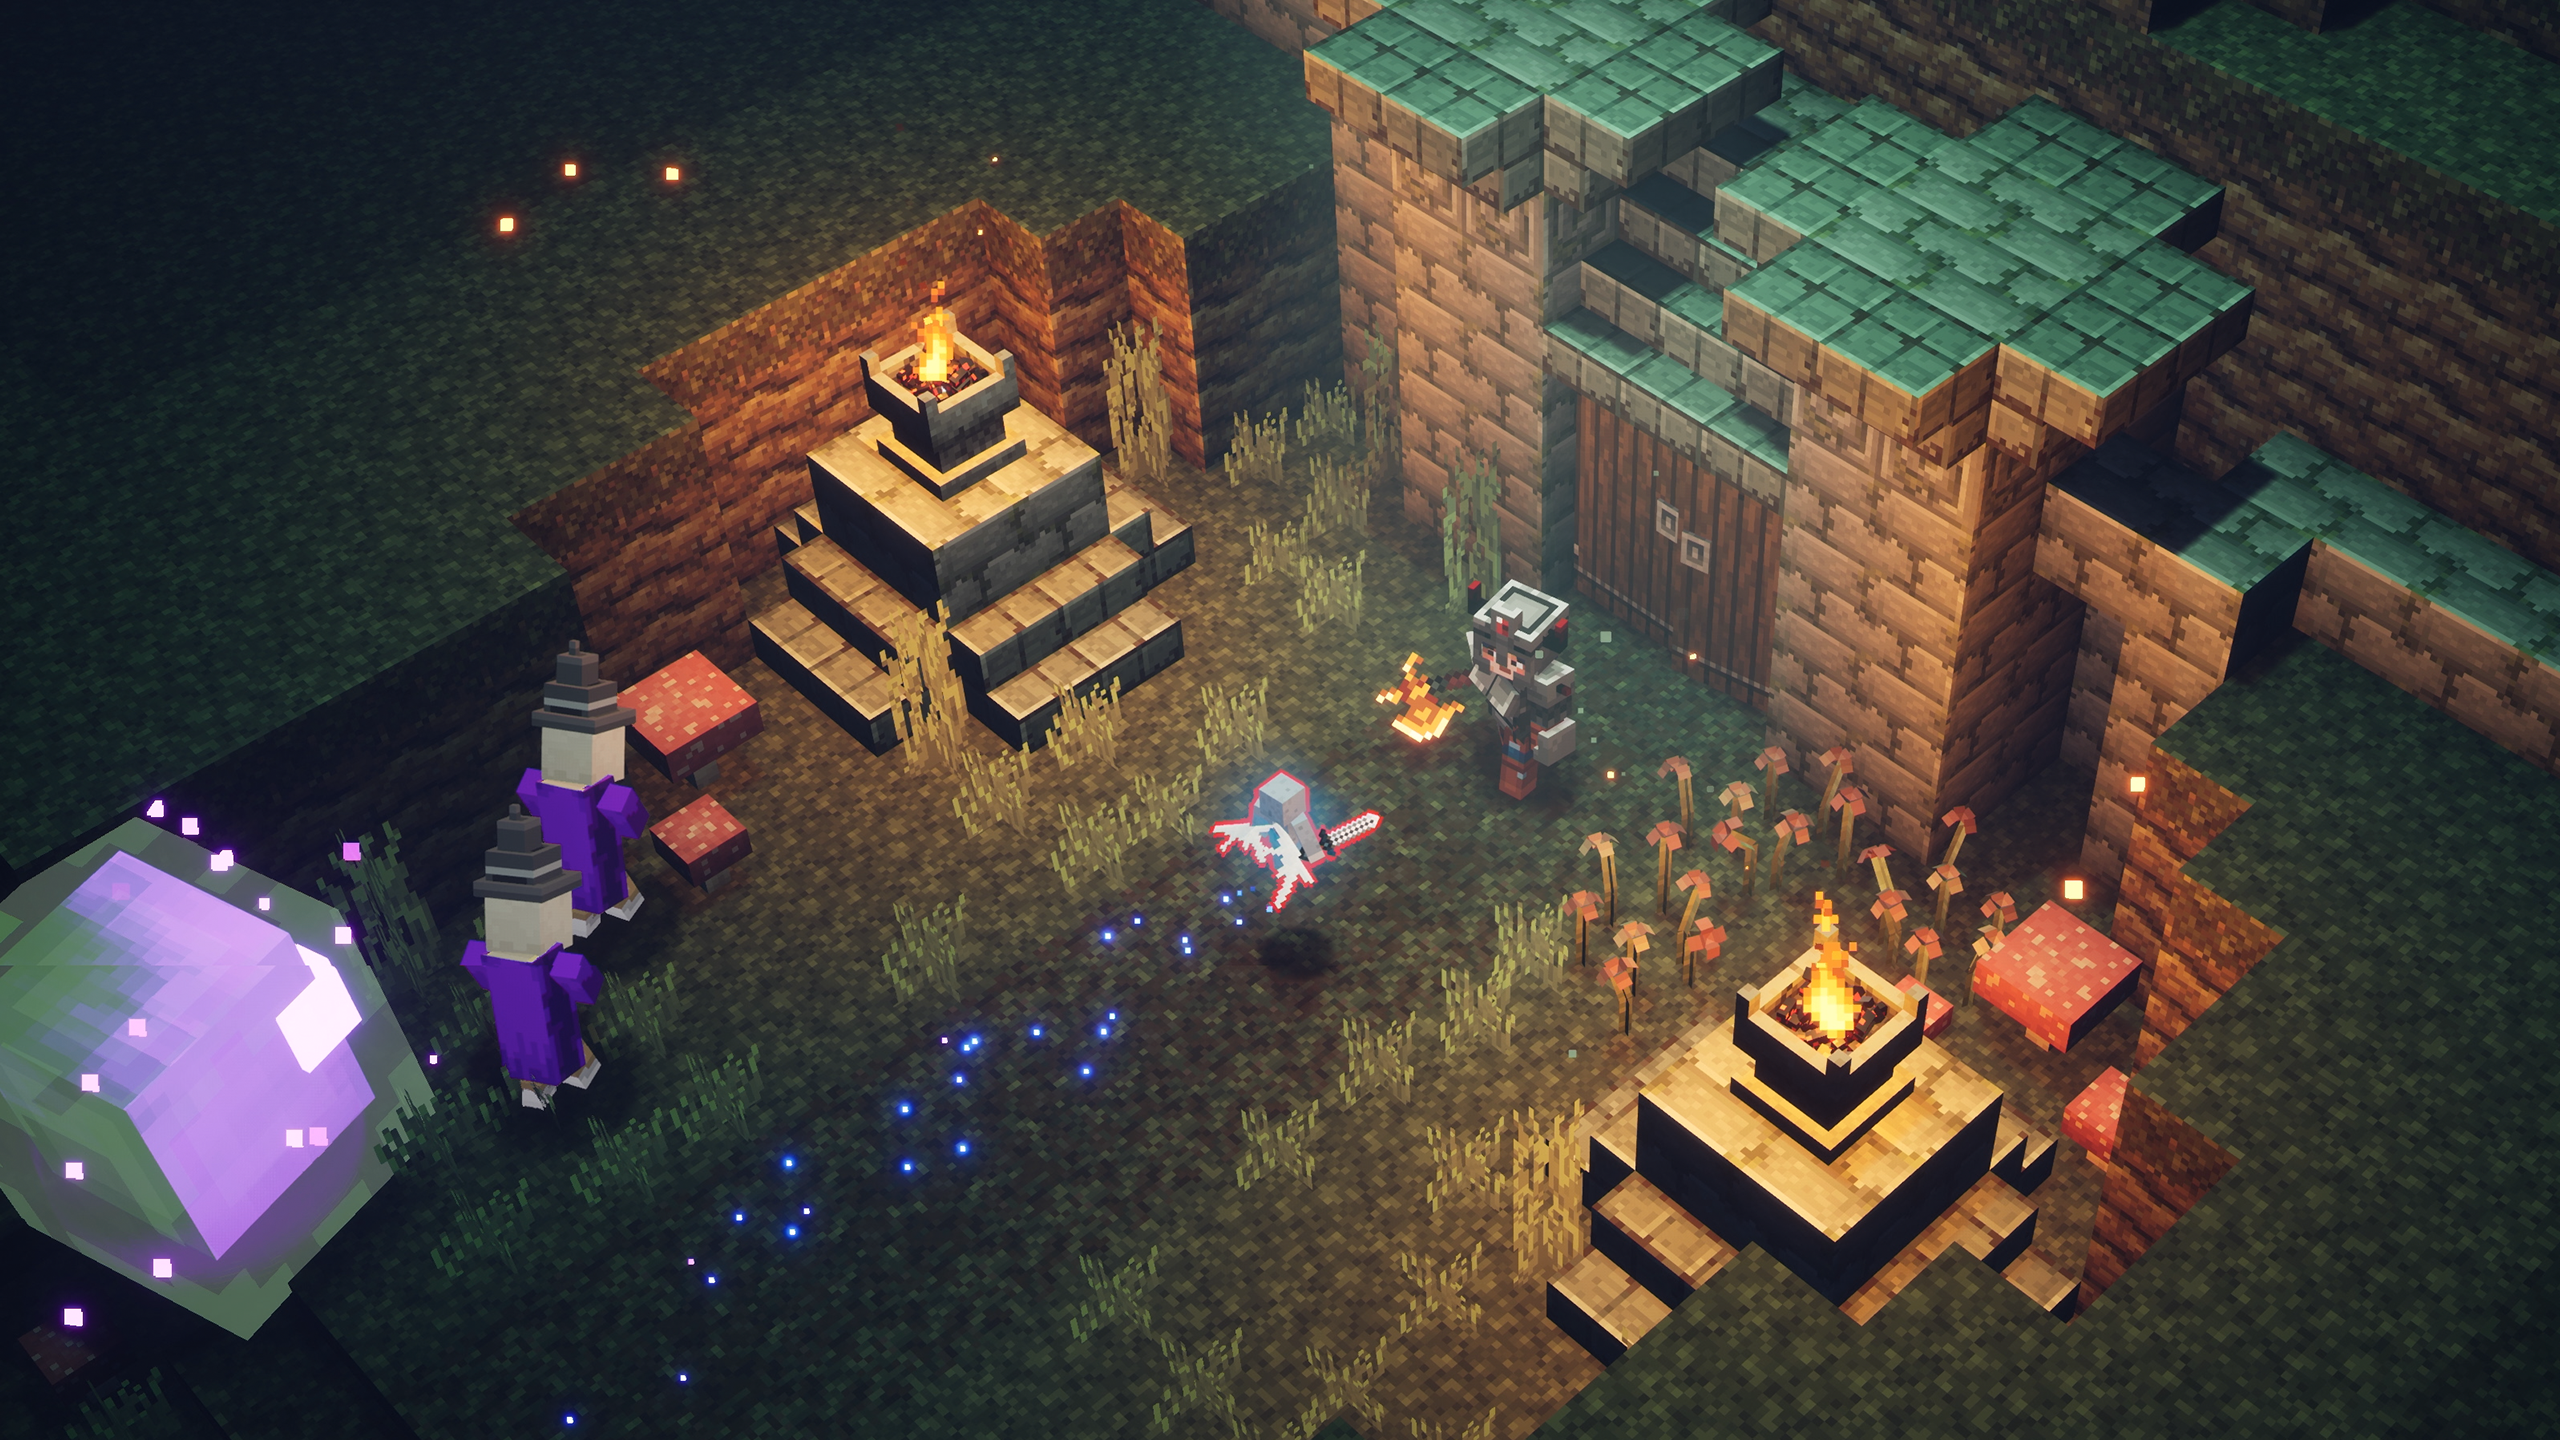 Видео: в Minecraft Dungeons появился кроссплей, на очереди — общее облако сохранений